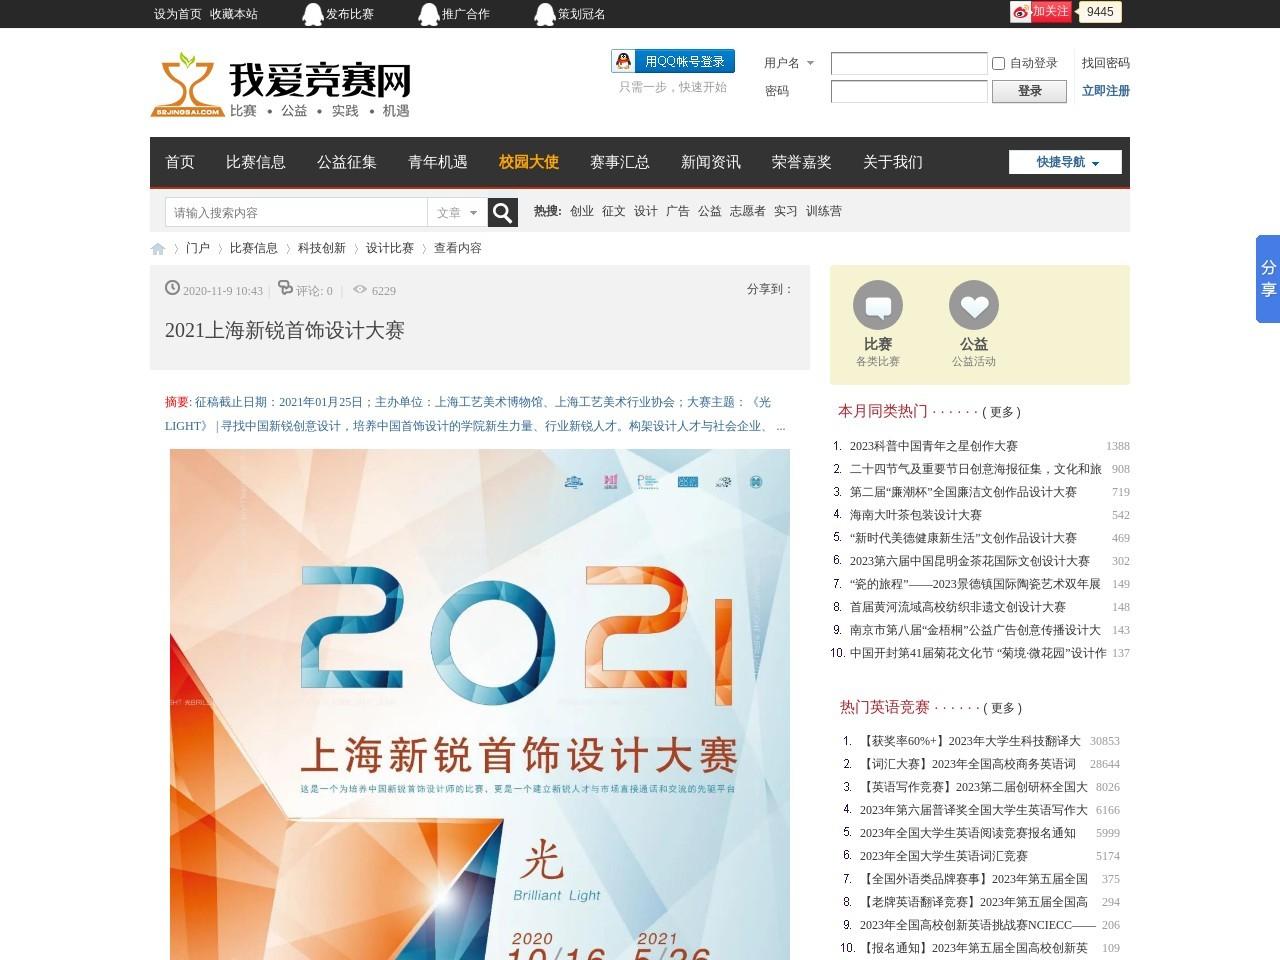 2021上海新锐首饰设计大赛